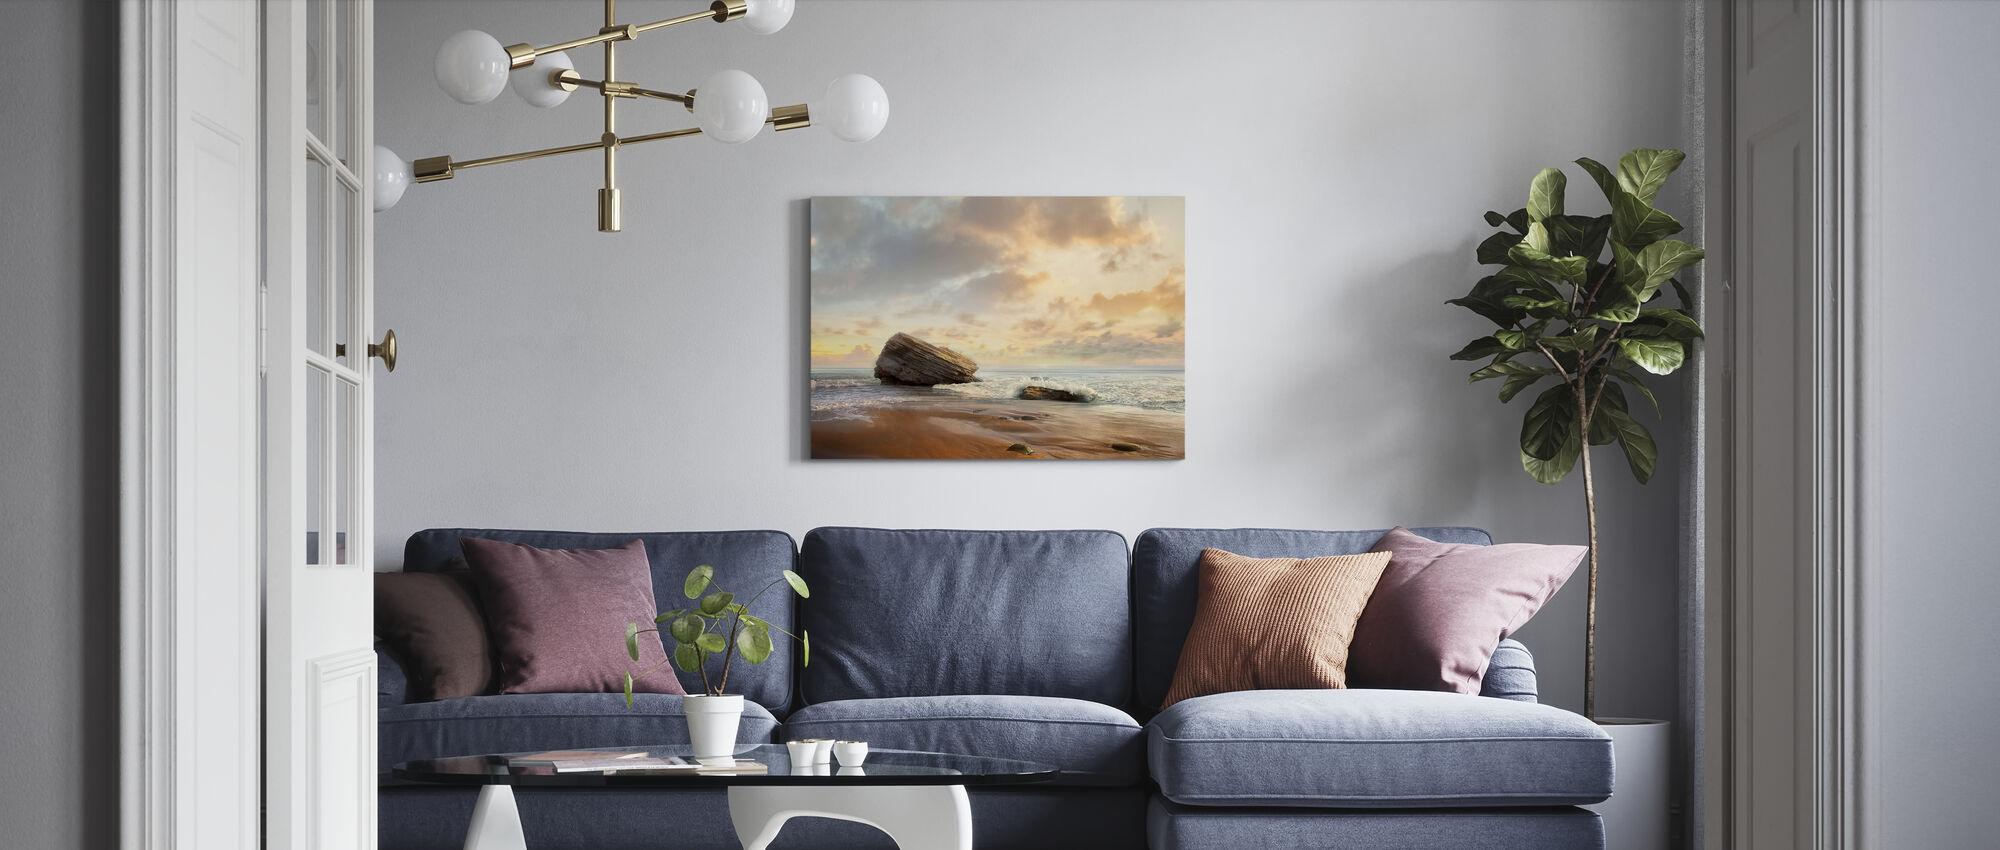 Vågor på stranden - Canvastavla - Vardagsrum